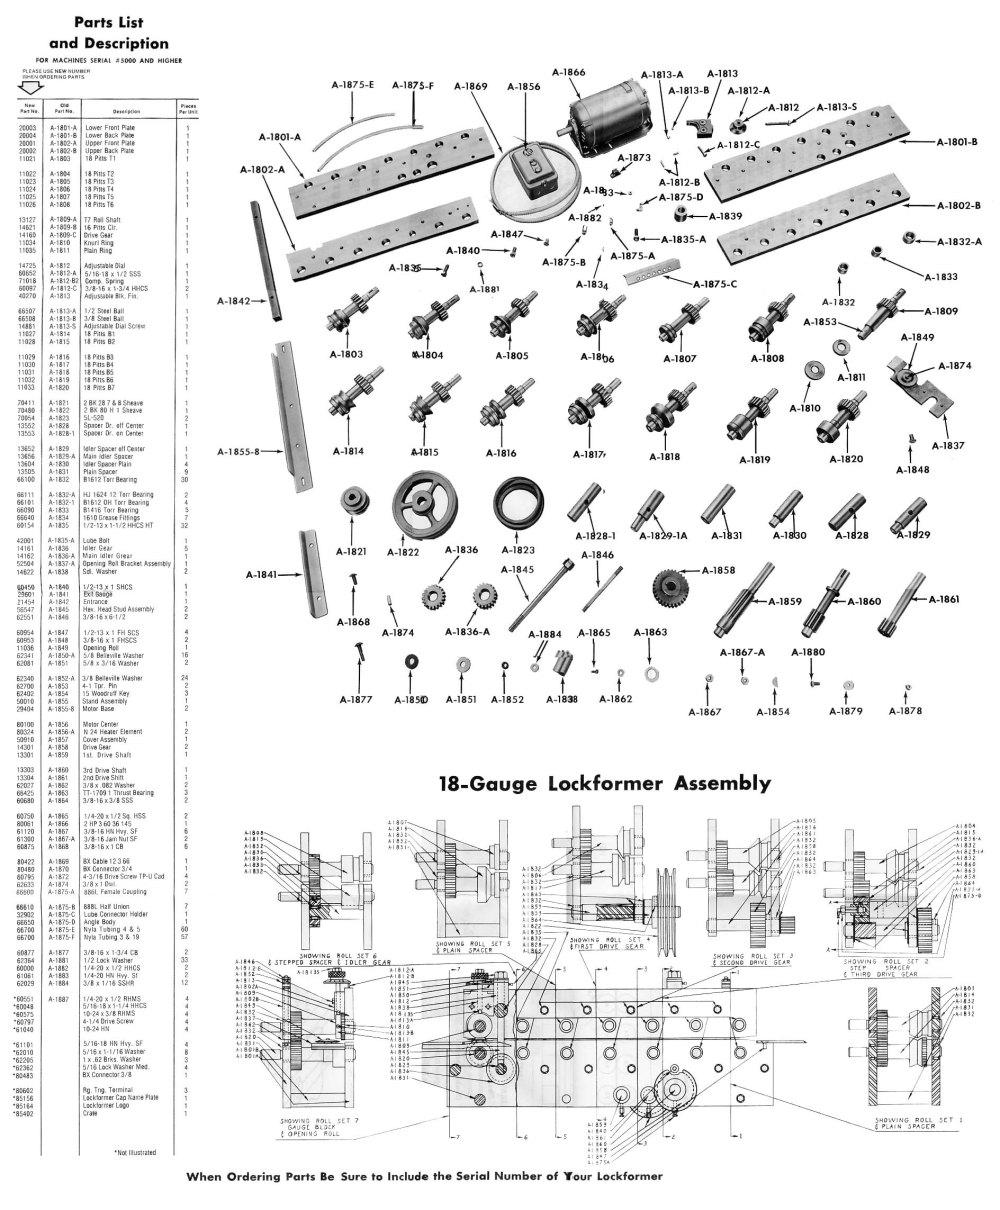 medium resolution of lockformer machinery parts diagrams model 8900 super speed cleatformer lockformer machinery parts diagrams model 8900 super speed cleatformer pdf